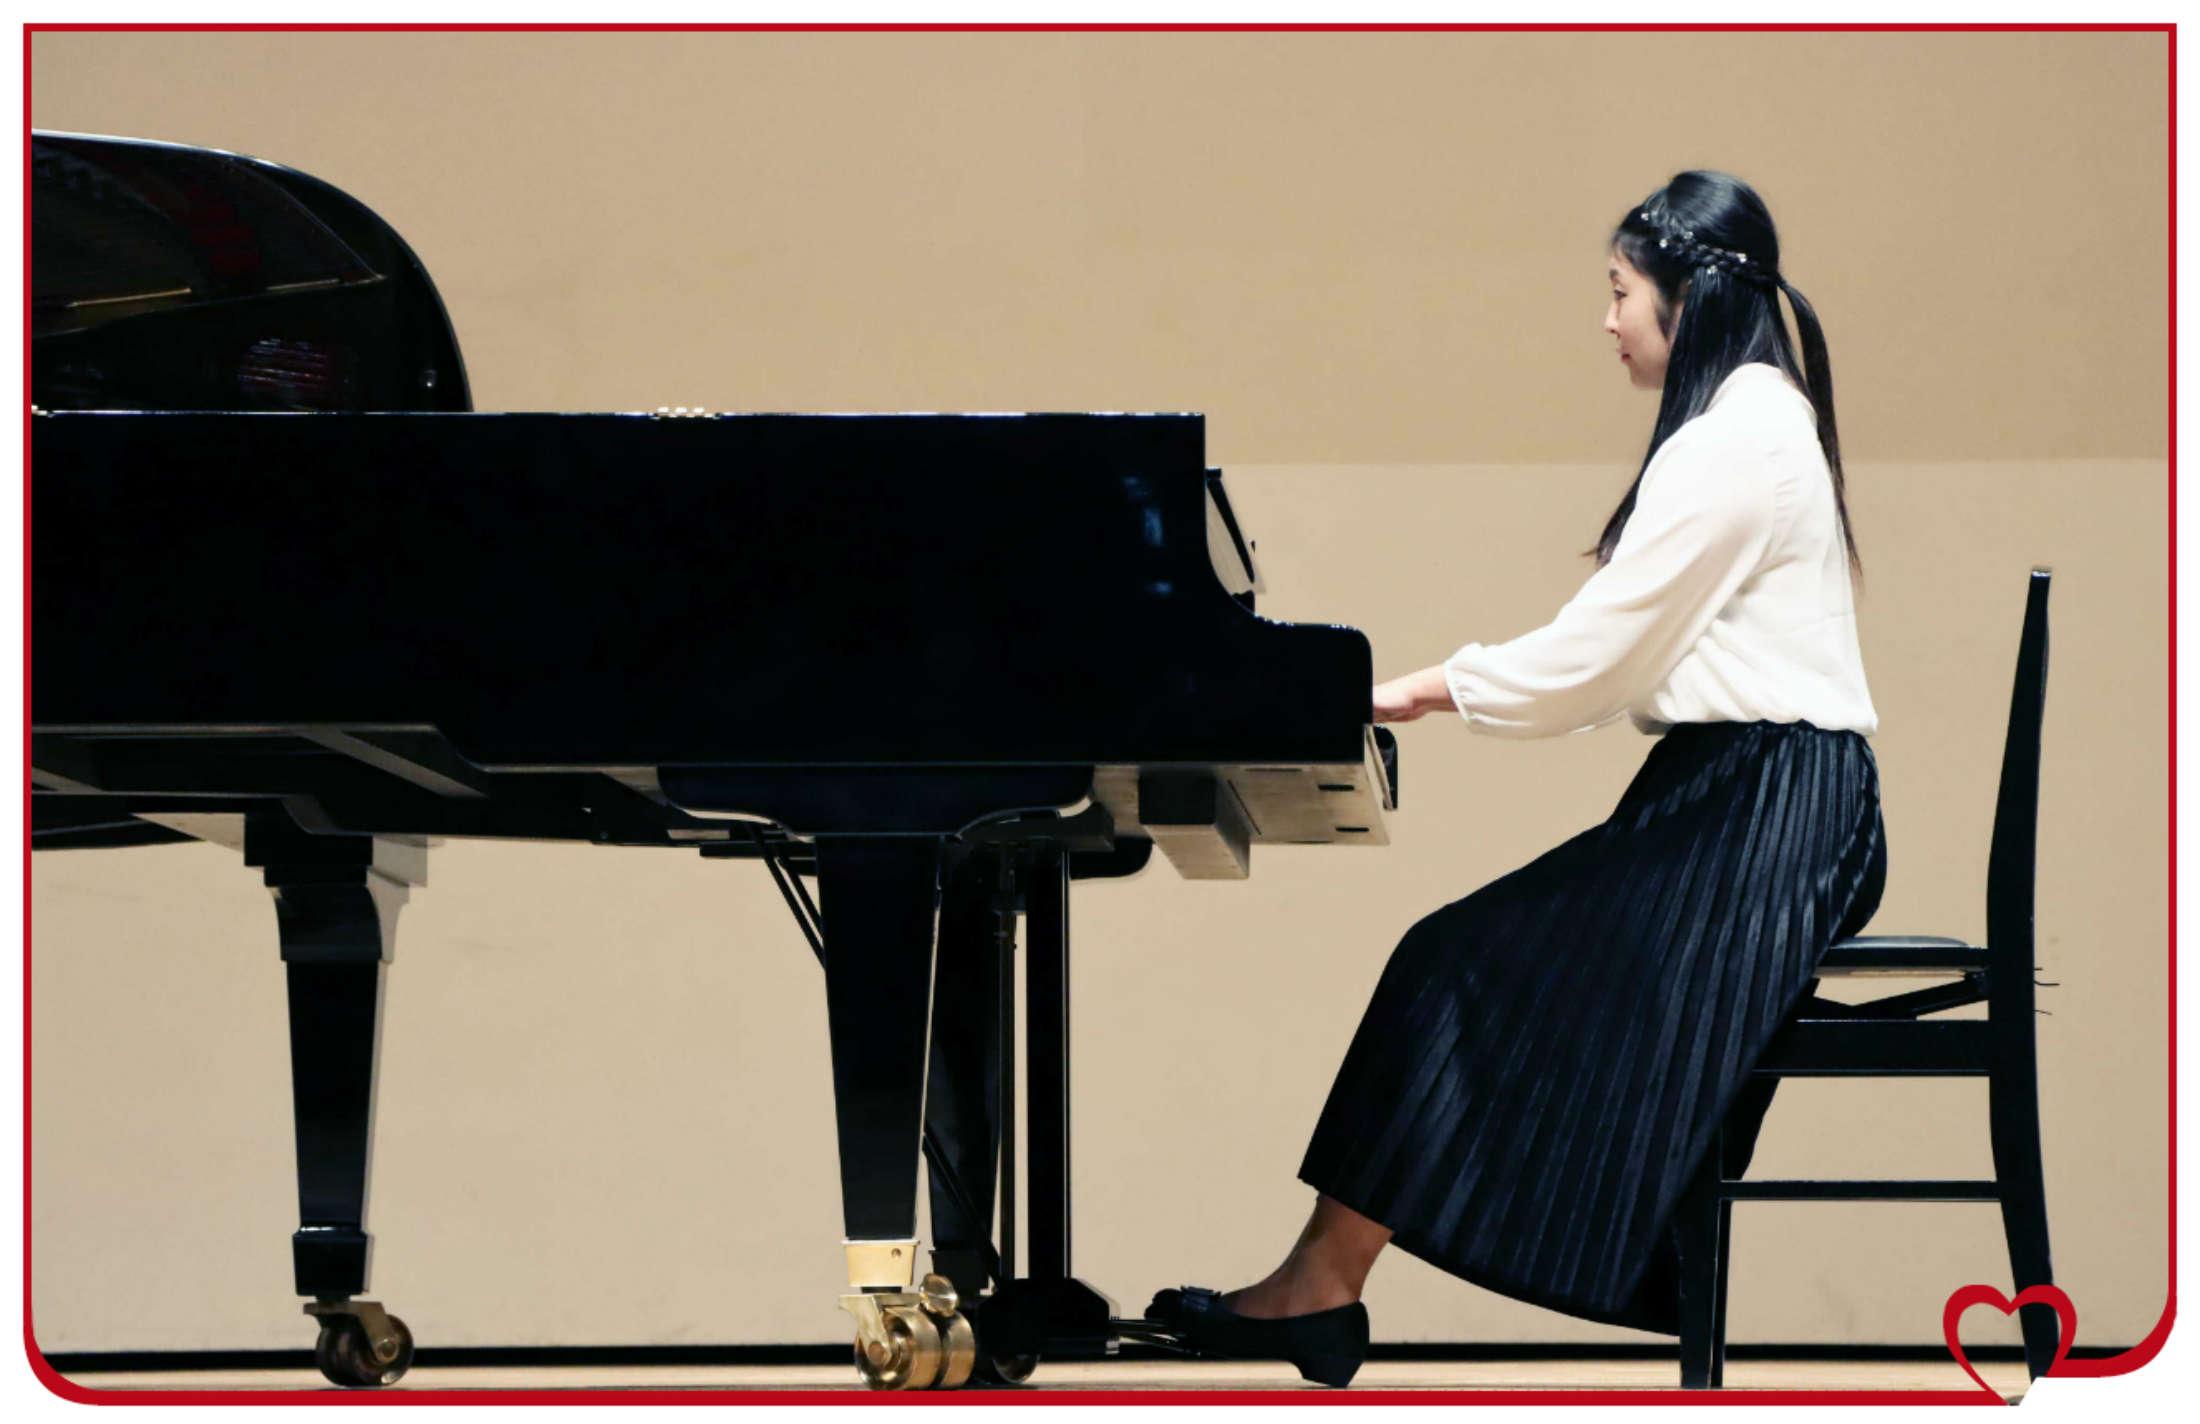 大ホールに満ち溢れたピアノの音色!続編